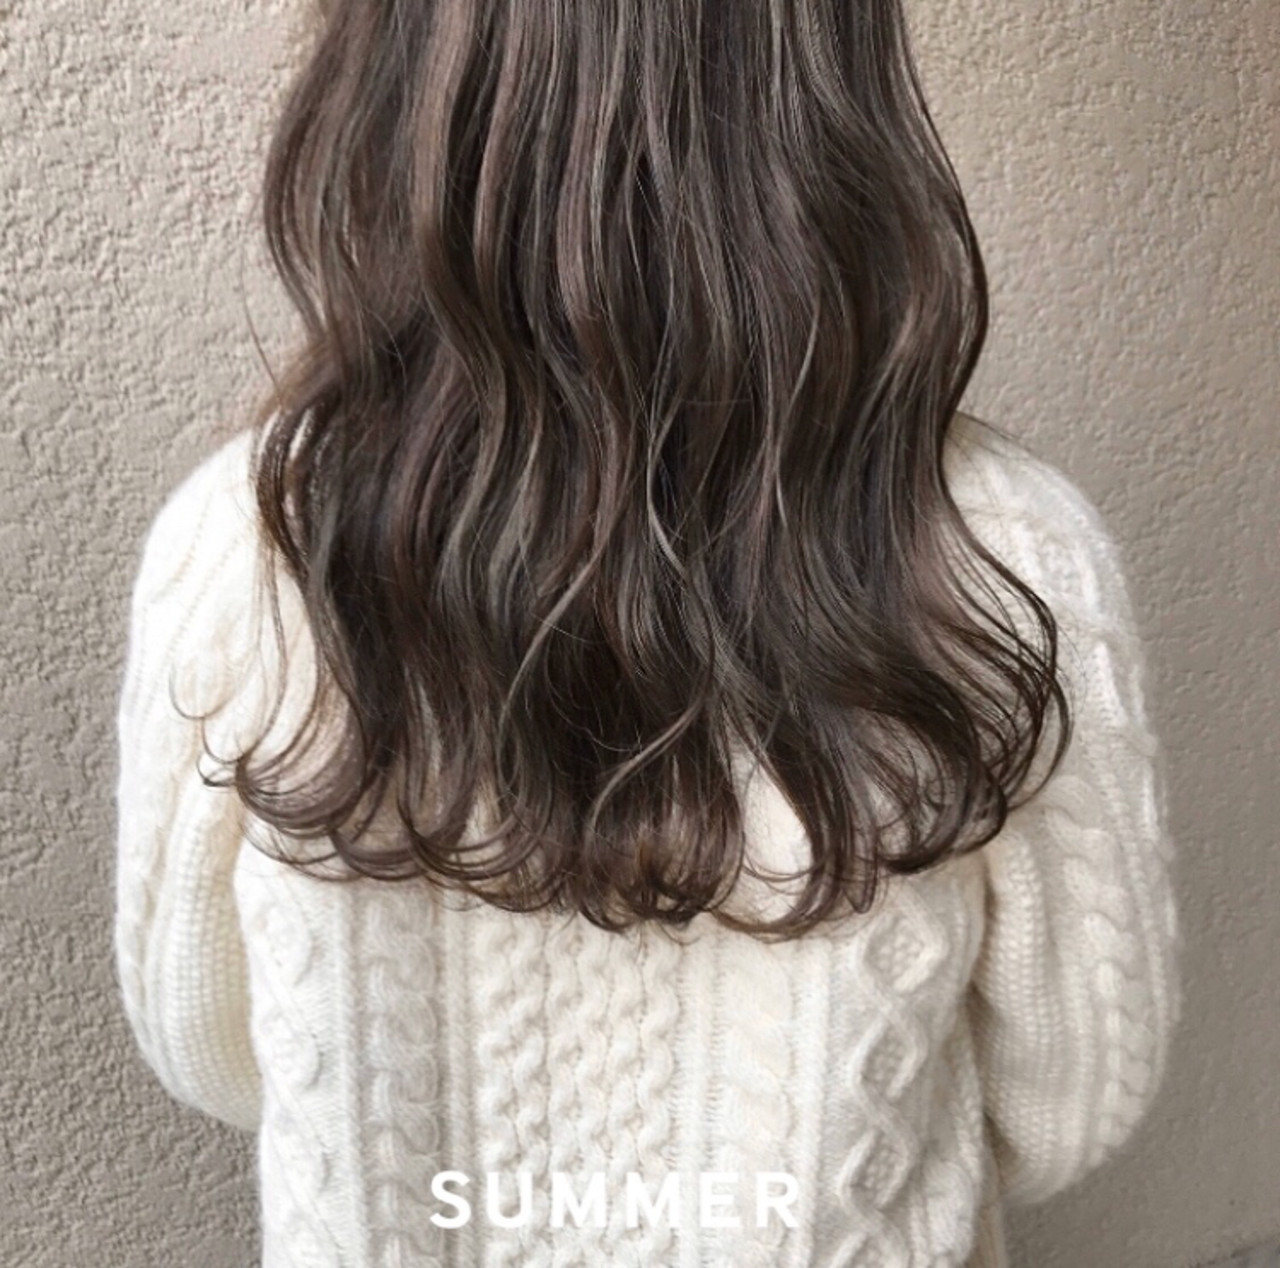 オリーブアッシュ ロング オリーブベージュ ハイライト ヘアスタイルや髪型の写真・画像